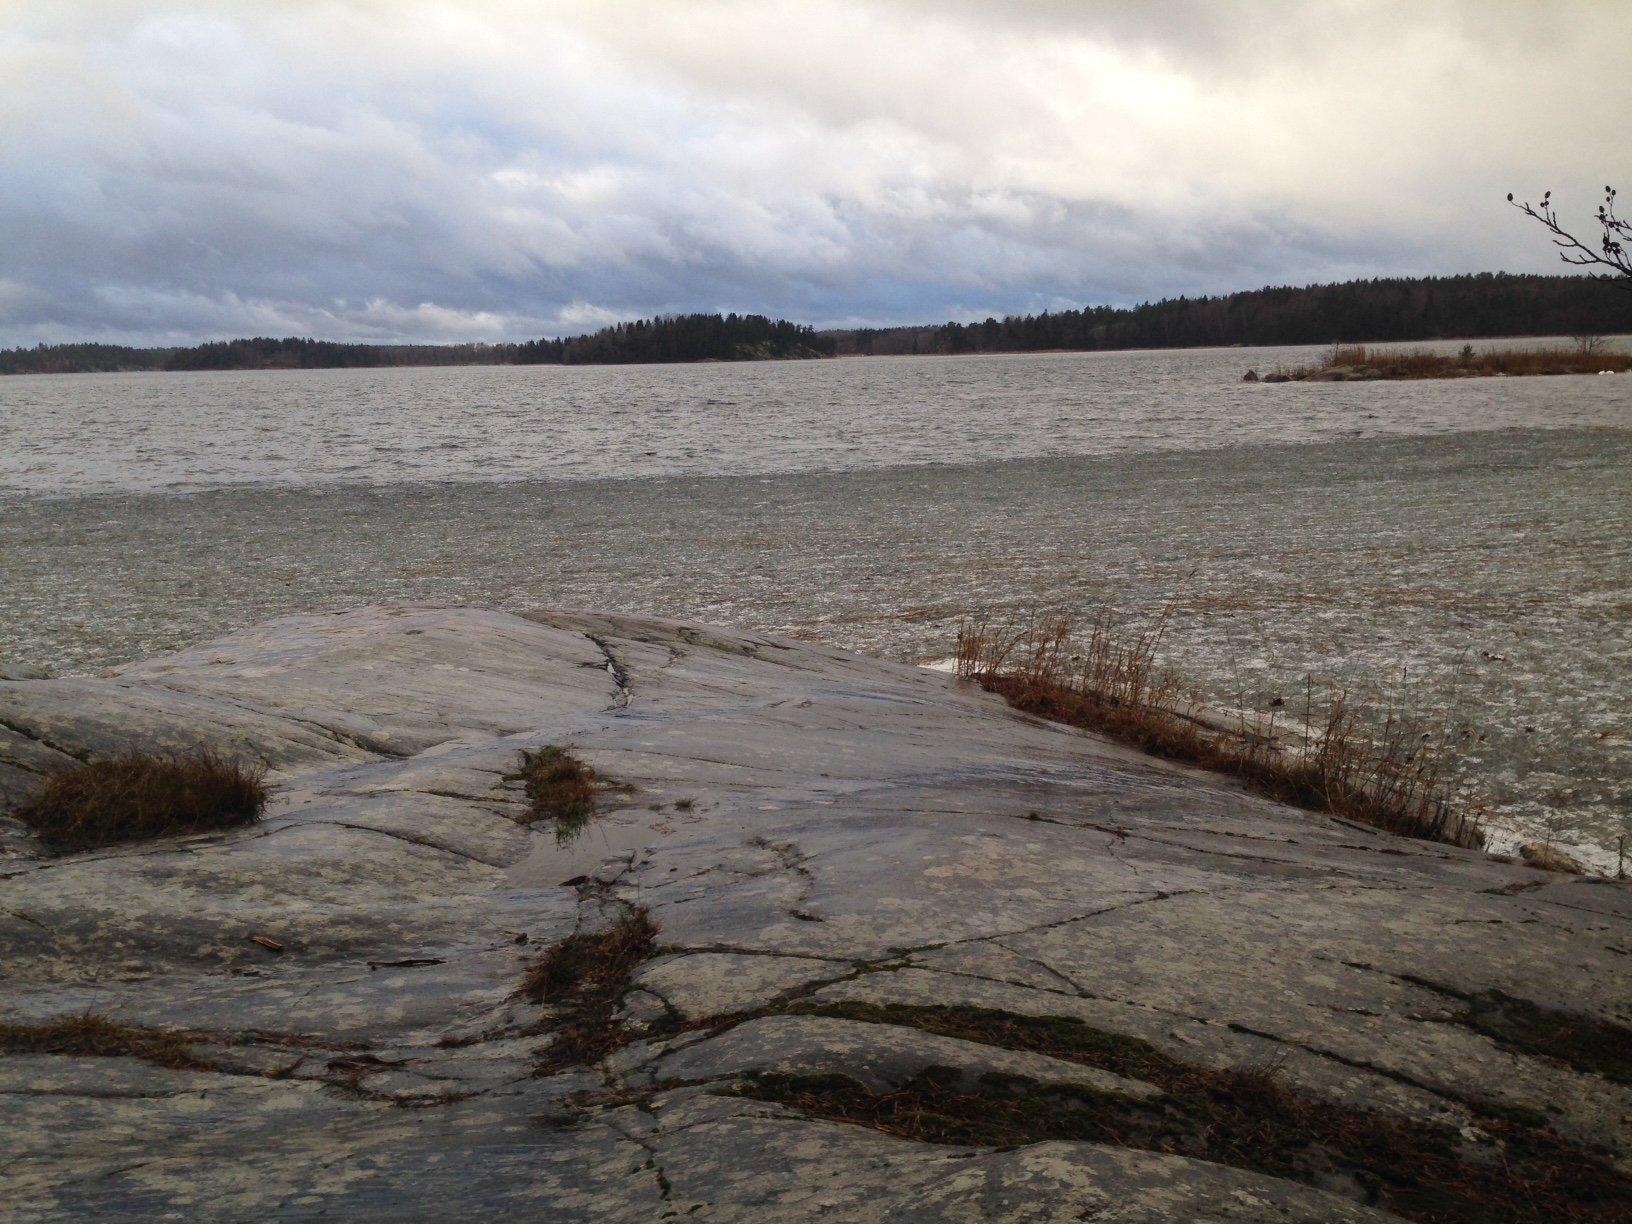 Lisslö i Norrtäljetrakten 2015 - för er som rekar fångstplatser - ibland visar vi heta ställen och iböand som det här - iskallt men extremt många härliga gråa och stålblå nyanser i januari.